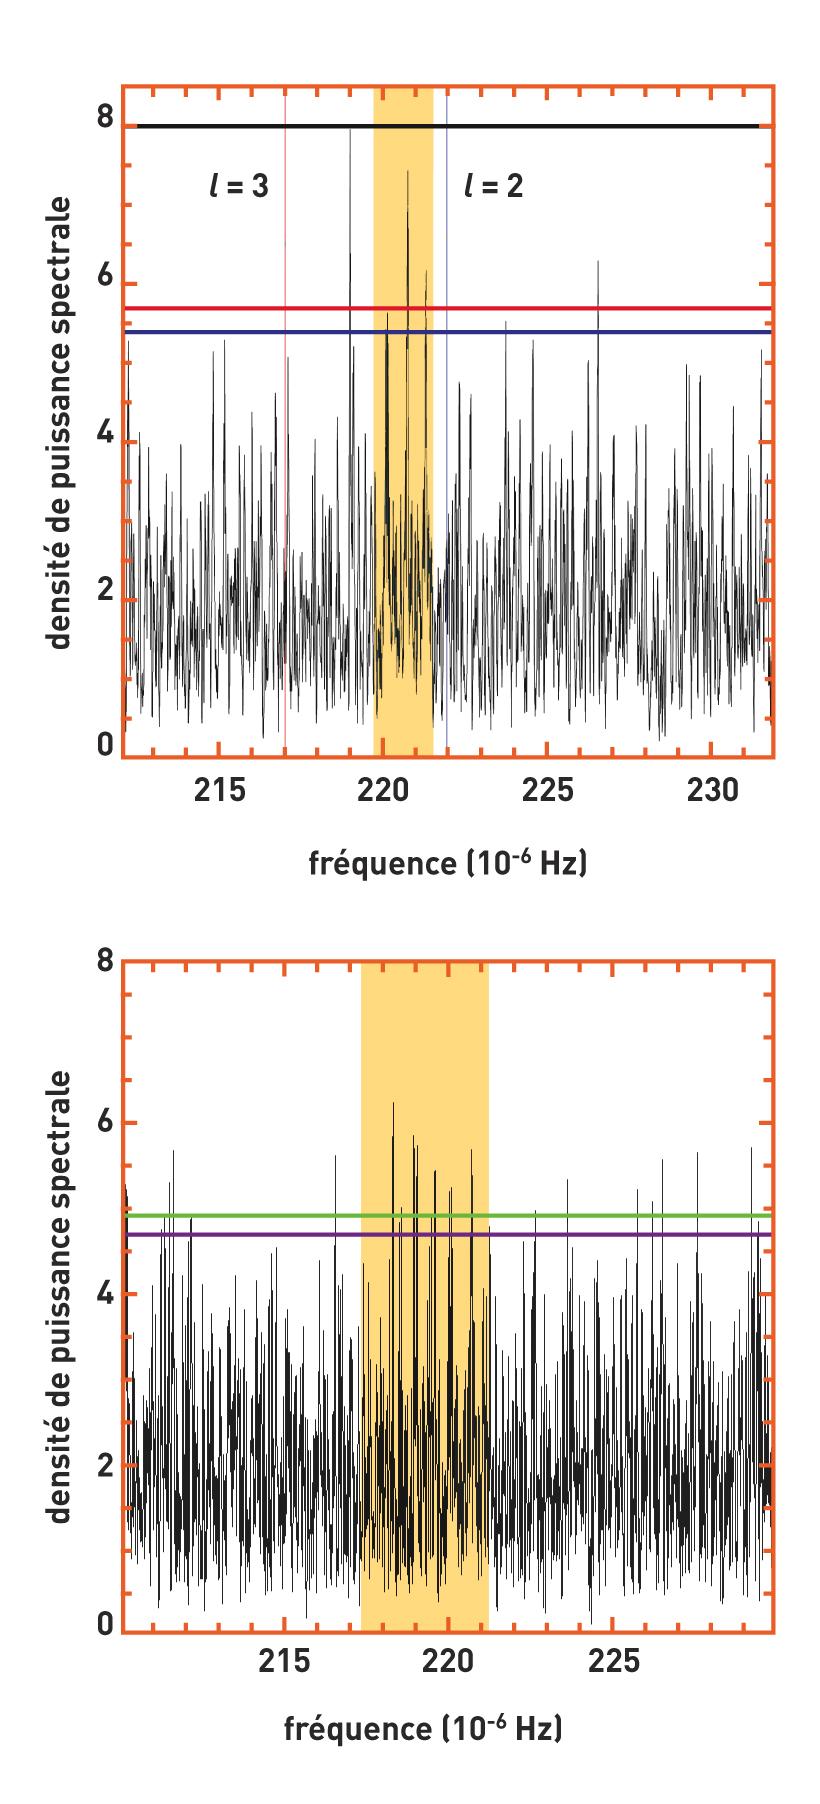 fig 3 : Un des candidats modes de gravité, détecté à 90% de confiance comme un triplet après 1200 jours d'observation puis comme un quintuplet après 2000 jours. Superposée sur la première figure, la position théorique des 2 modes de gravité correspondant au modèle sismique.